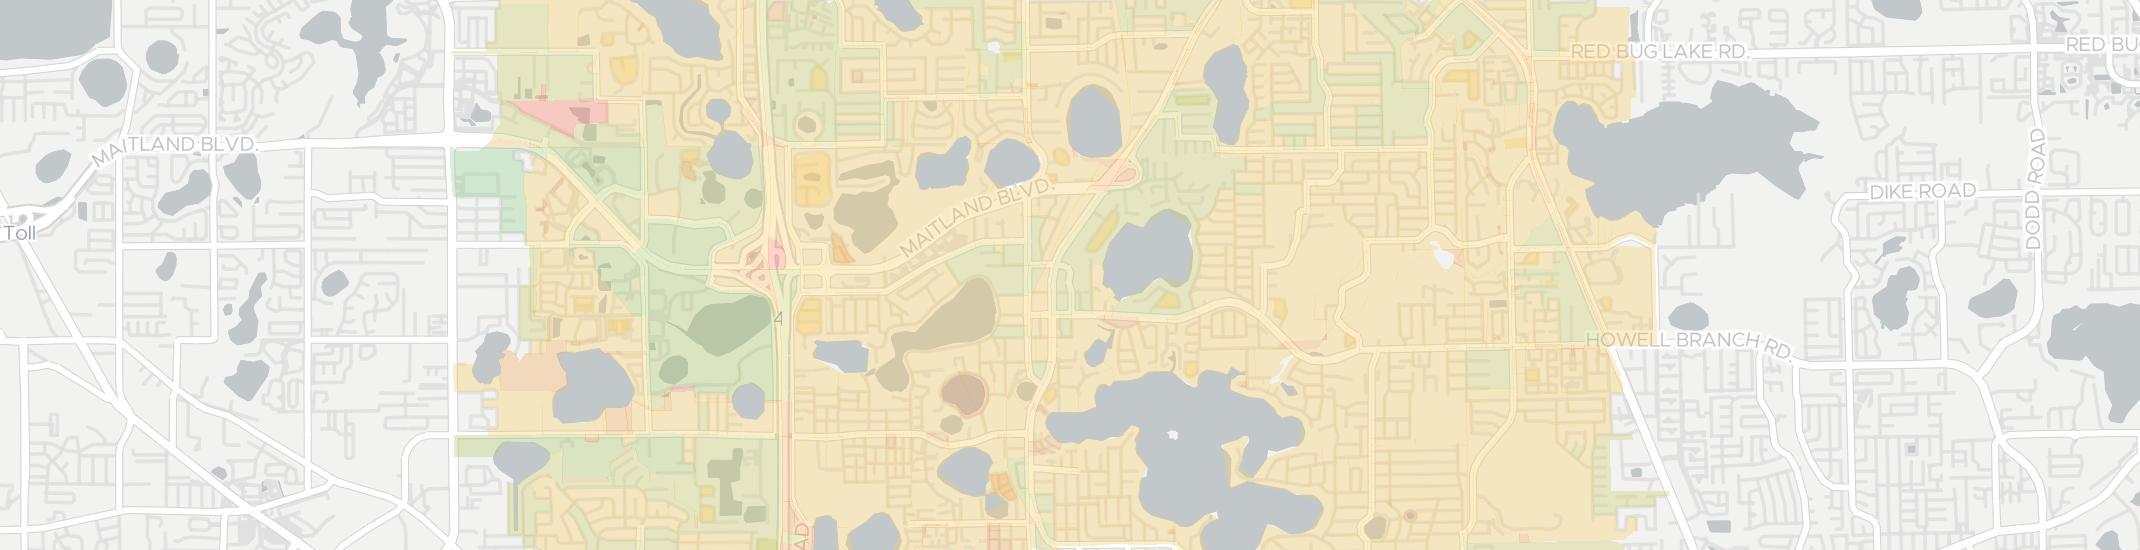 Maitland Florida Map.Internet Providers In Maitland Fl Compare 14 Providers